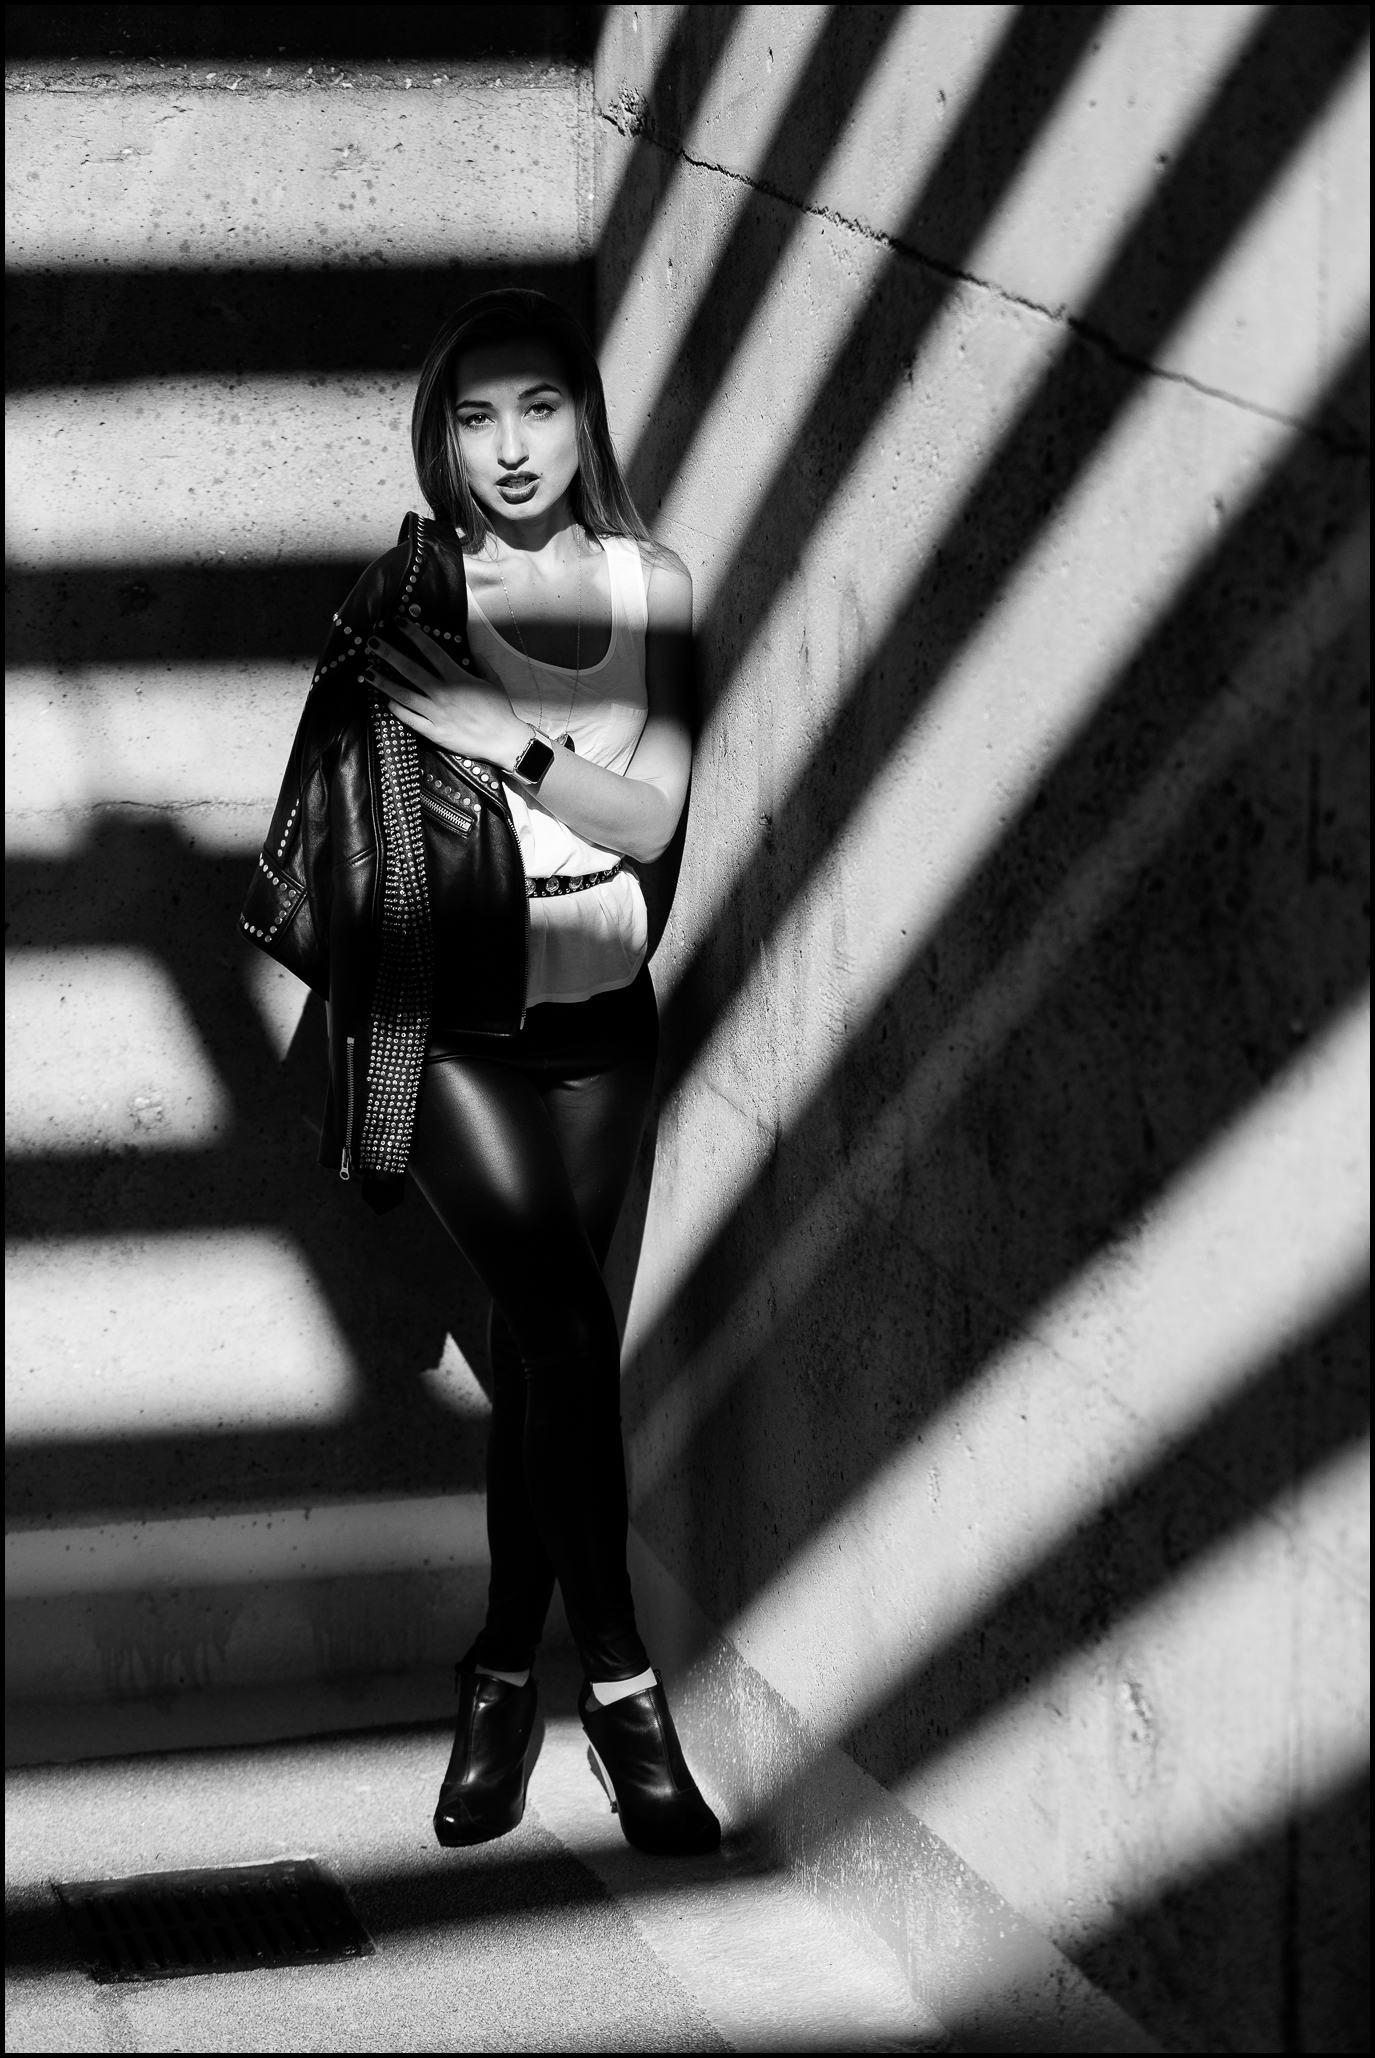 Nataliia in shadows